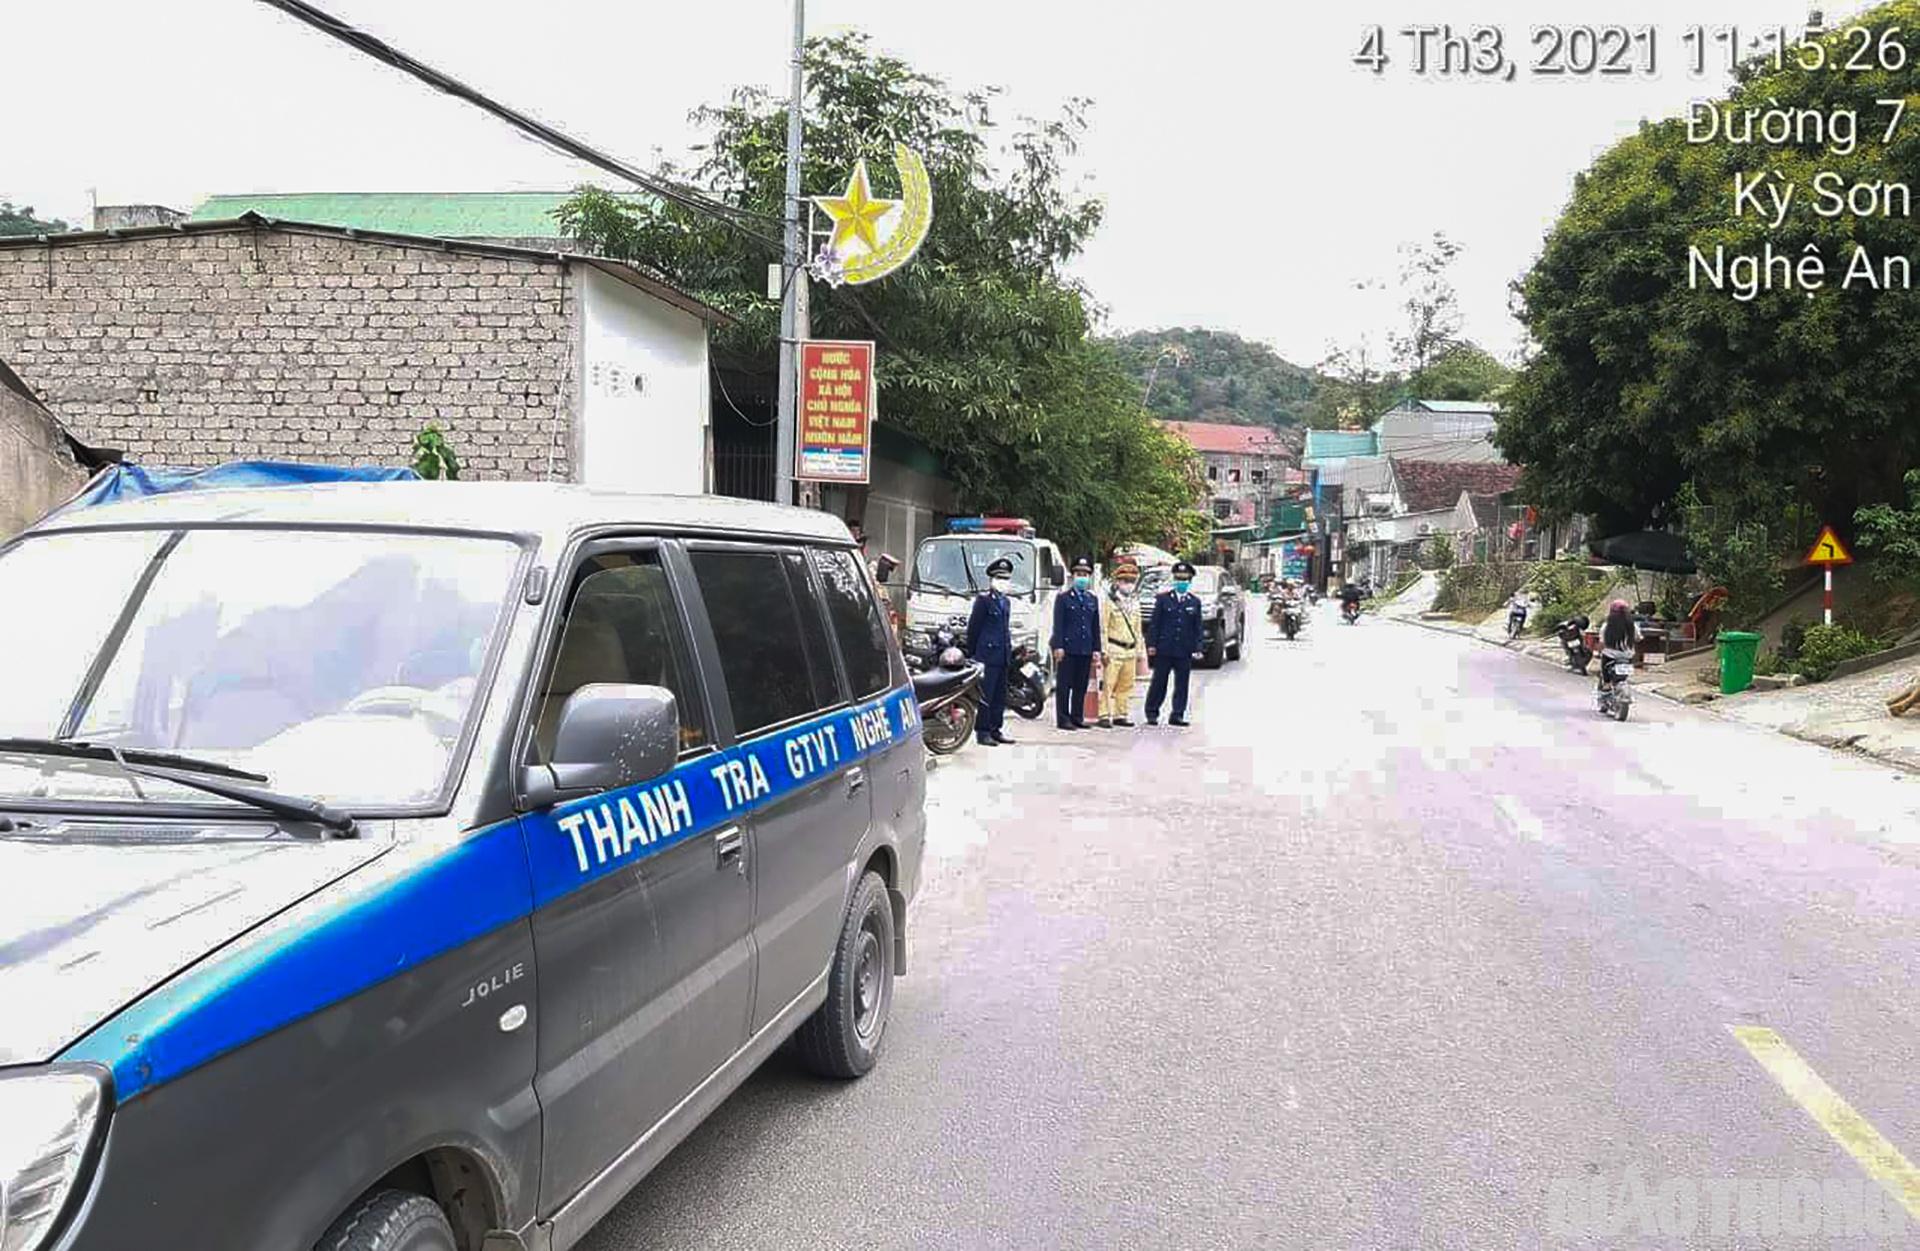 Chiều 3/3, hơn 30 nhà xe khách chạy tuyến cố định từ Vinh đi các huyện miền núi phía Tây tỉnh Nghệ An đã kéo đến Bến xe Bắc Vinh căng băng rôn để phản đối tình trạng xe dù xe chạy vượt tuyến tranh giành khách. Tiếp nhận thông tin, trong sáng 4/3, Sở GTVT Nghệ An đã chỉ đạo lực lượng Thanh tra Giao thông (TTGT) cử 2 đội lên tăng cường kiểm tra hoạt động vận tải khách trên tuyến QL7. Trong đó, một đội TTGT sẽ phối hợp với Công an kiểm tra, kiểm soát ở 2 huyện Kỳ Sơn và Tương Dương, một đội sẽ kiểm tra, kiểm soát ở khu vực Anh Sơn.